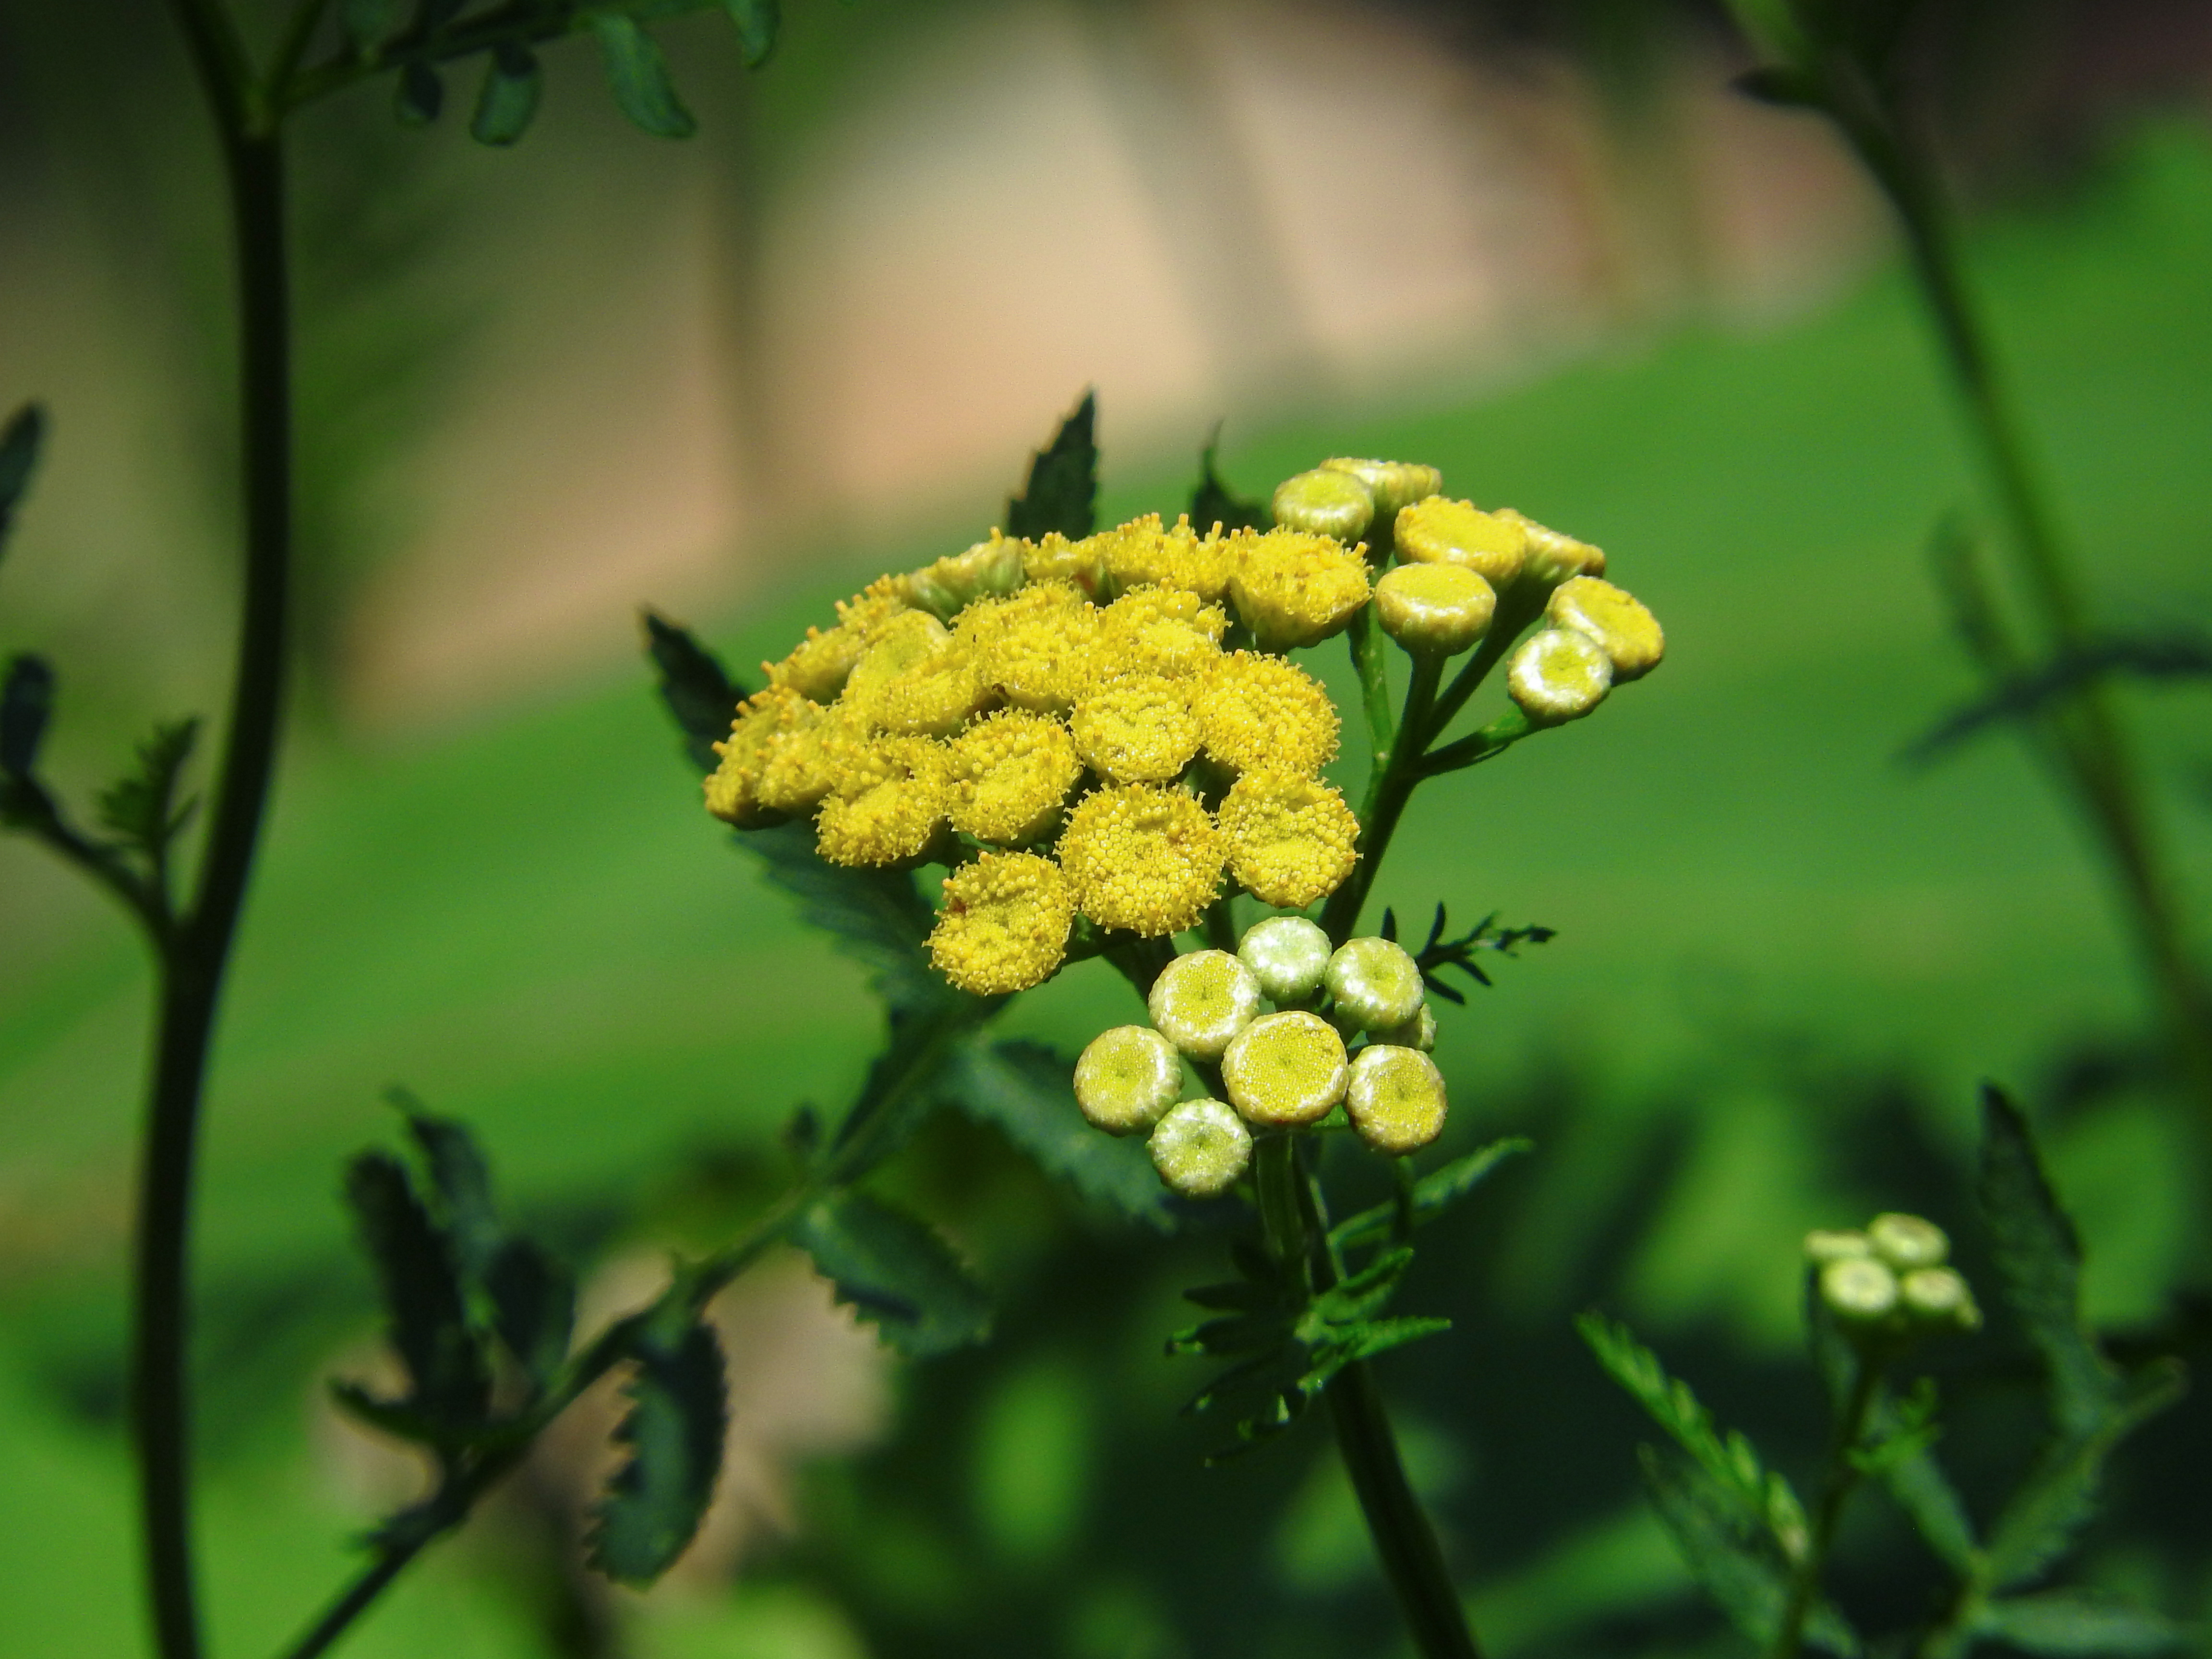 色鮮やかな黄色の花タンジーの写真を無料ダウンロード(フリー素材 ...